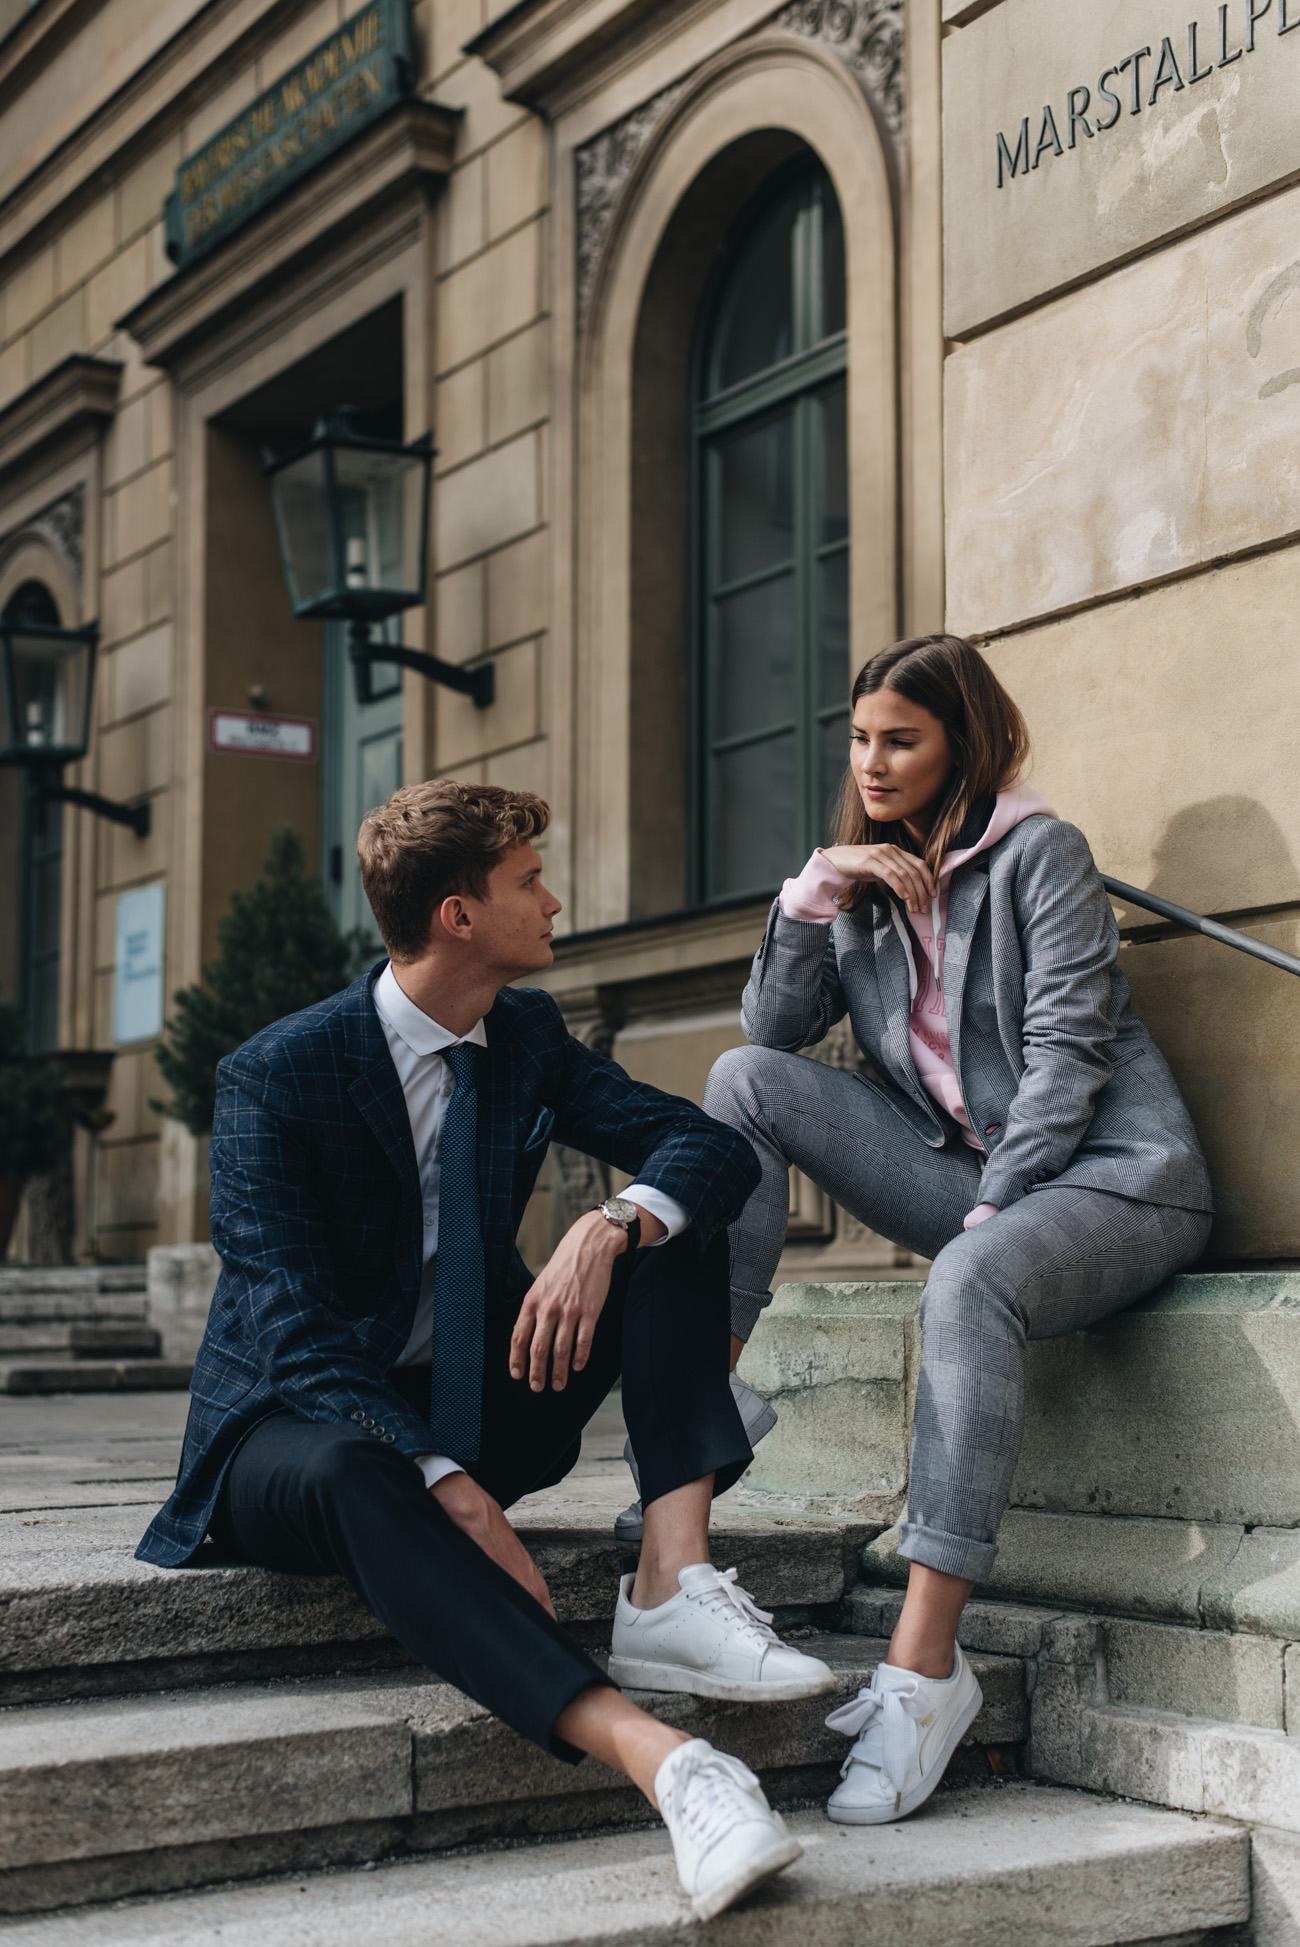 Blogger-Paar-München-deutschland-fashion-lifestyle-modeblogger-couple-nina-schwichtenberg-patrick-kahlo-fashiioncarpet